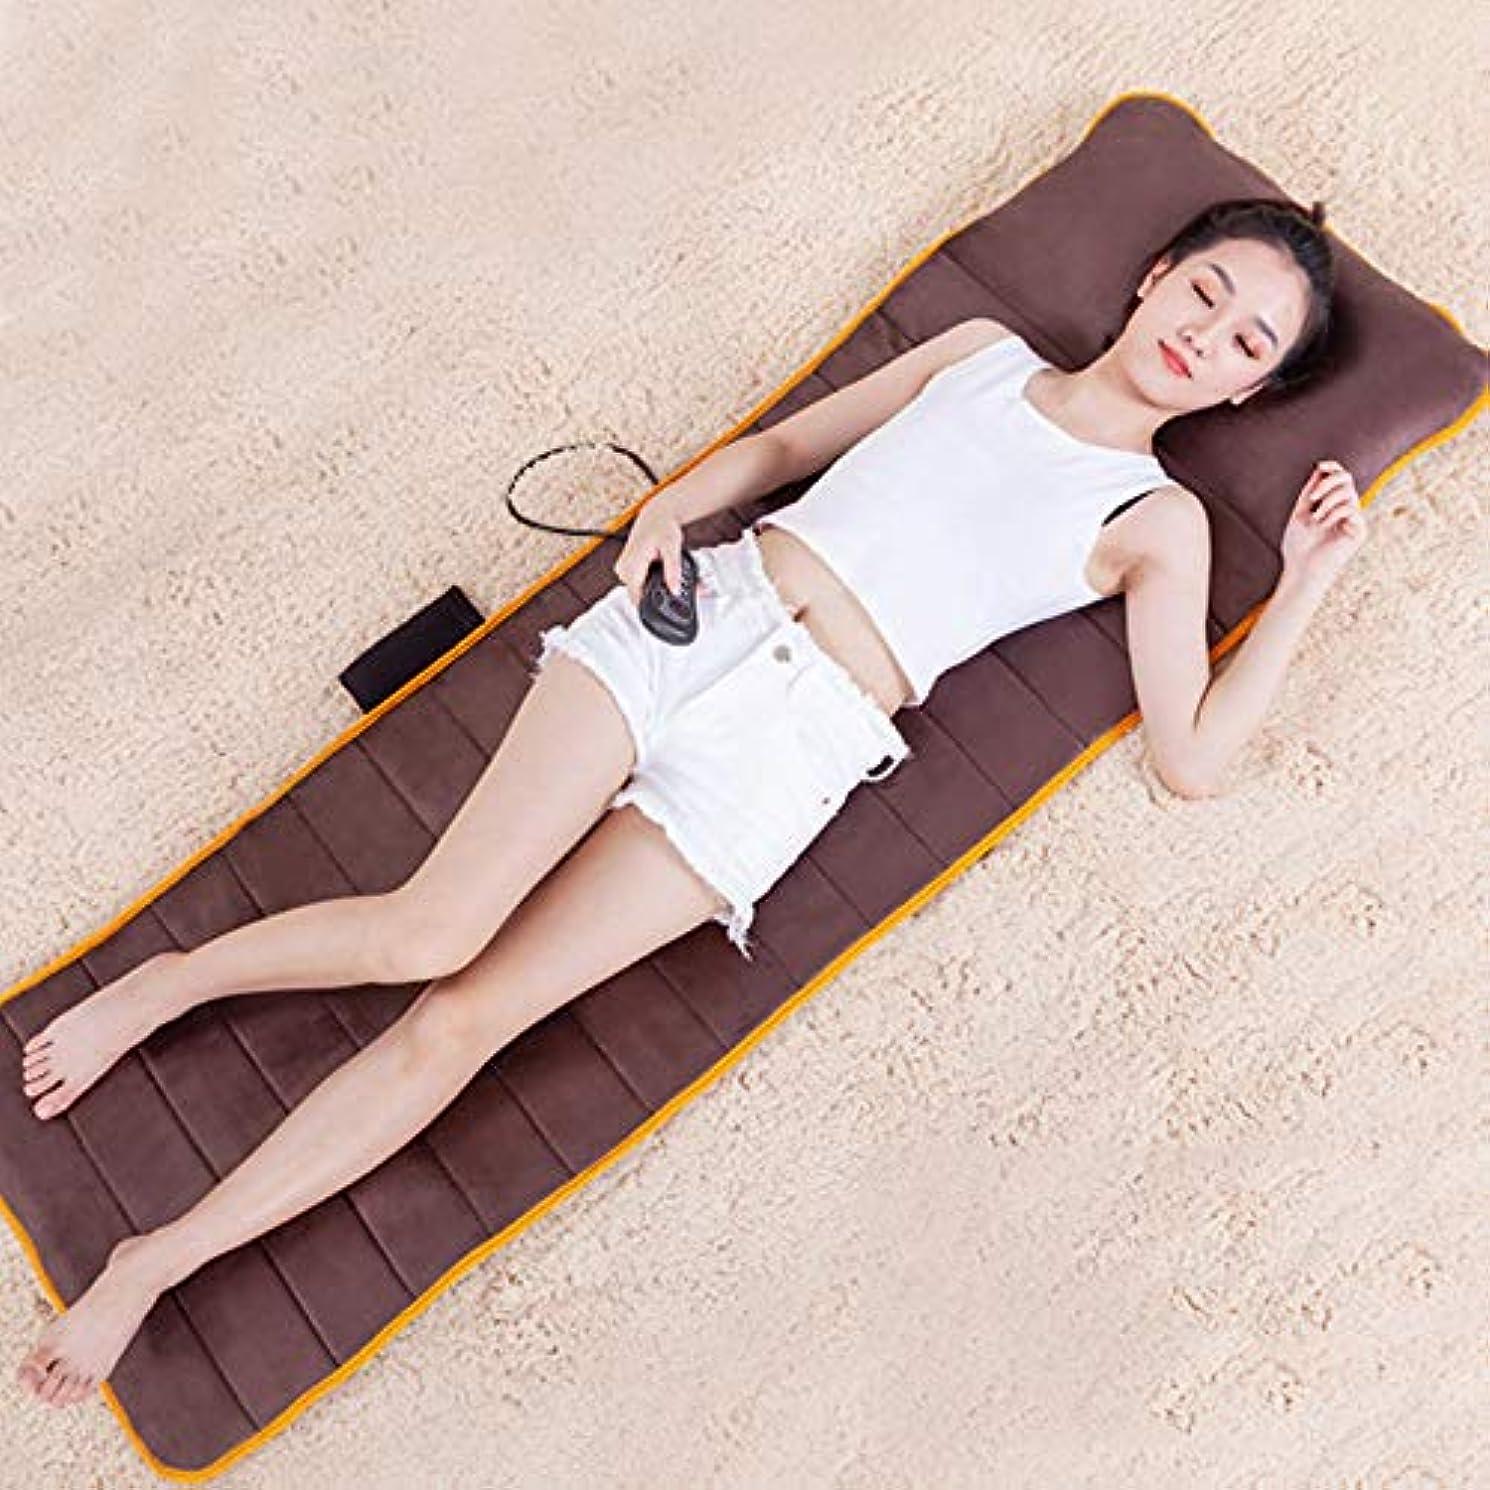 加害者洗練された最大化するマッサージマット - 熱 - 振動可能なマッサージパッド - 首、背中、足の痛みを軽減するための10振動モーターマットレスパッド